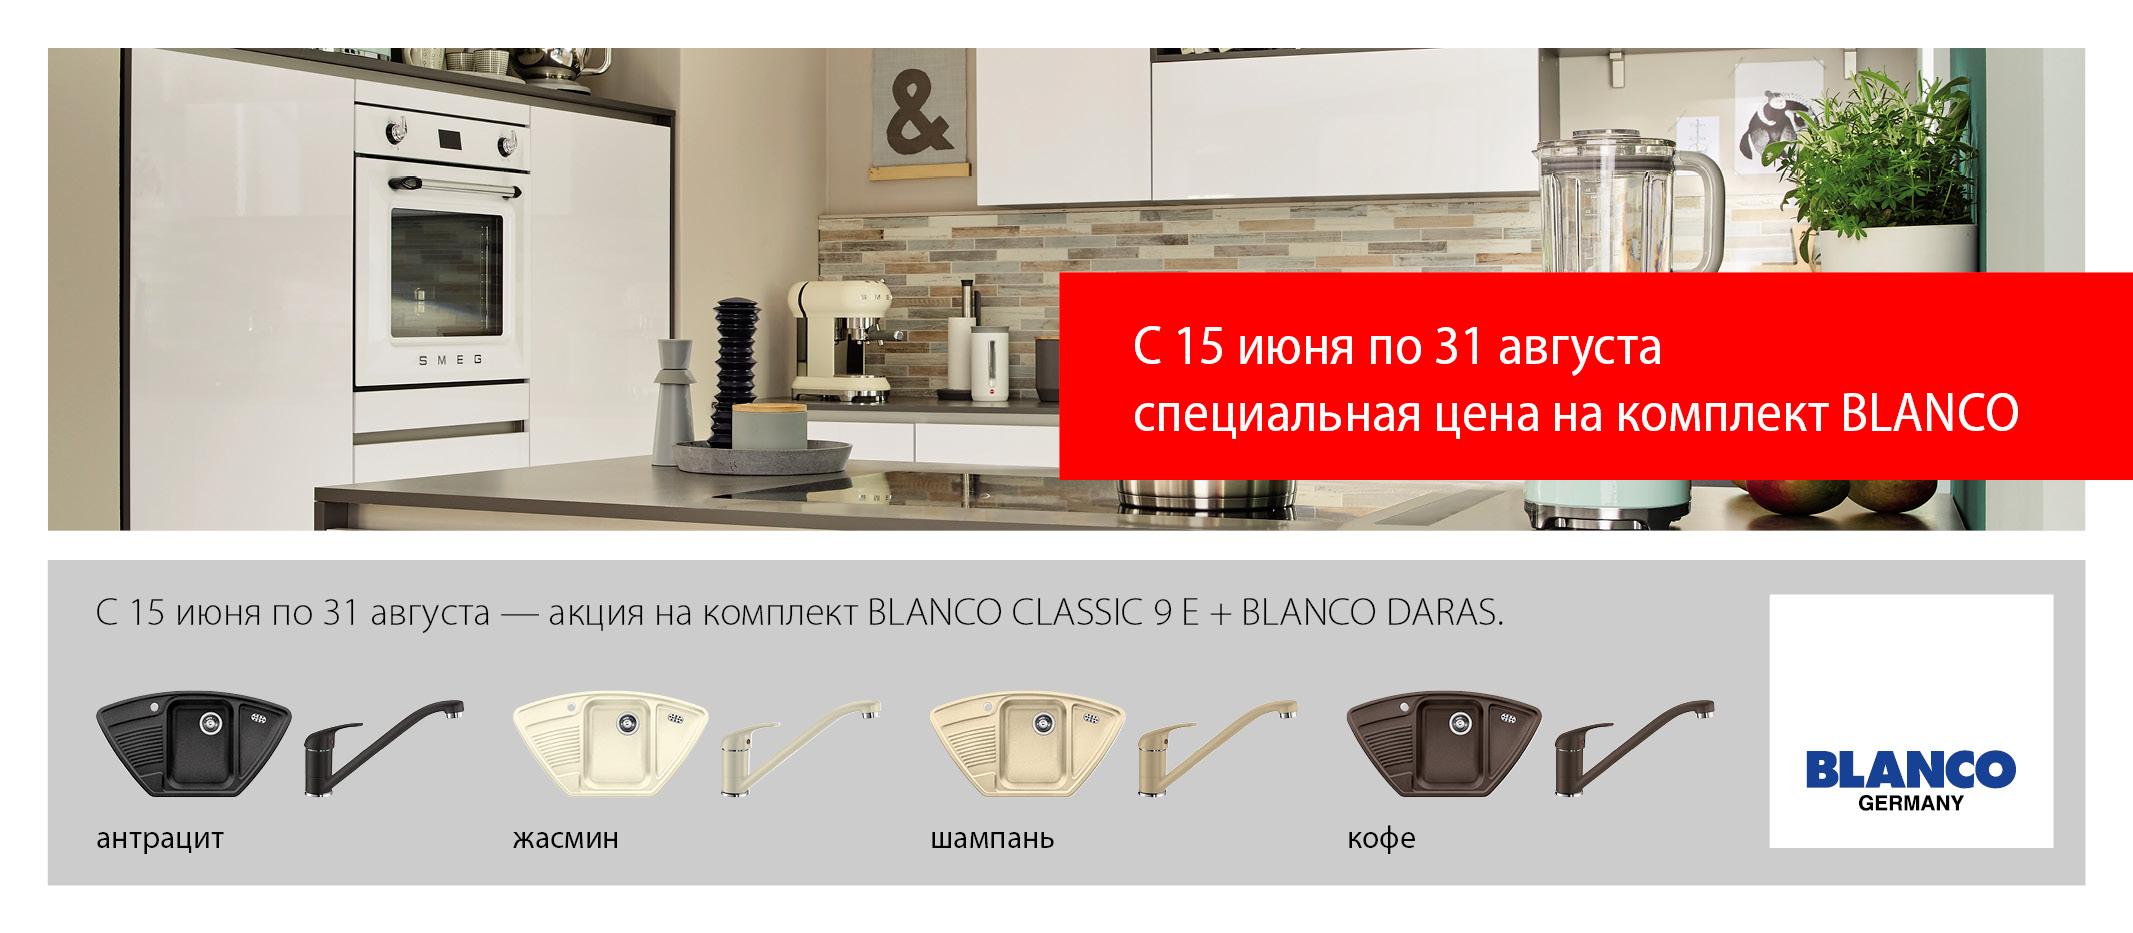 Комплект мойка Blanco Classic 9E + смеситель Blanco Daras (гранит)за 12900 рублей!